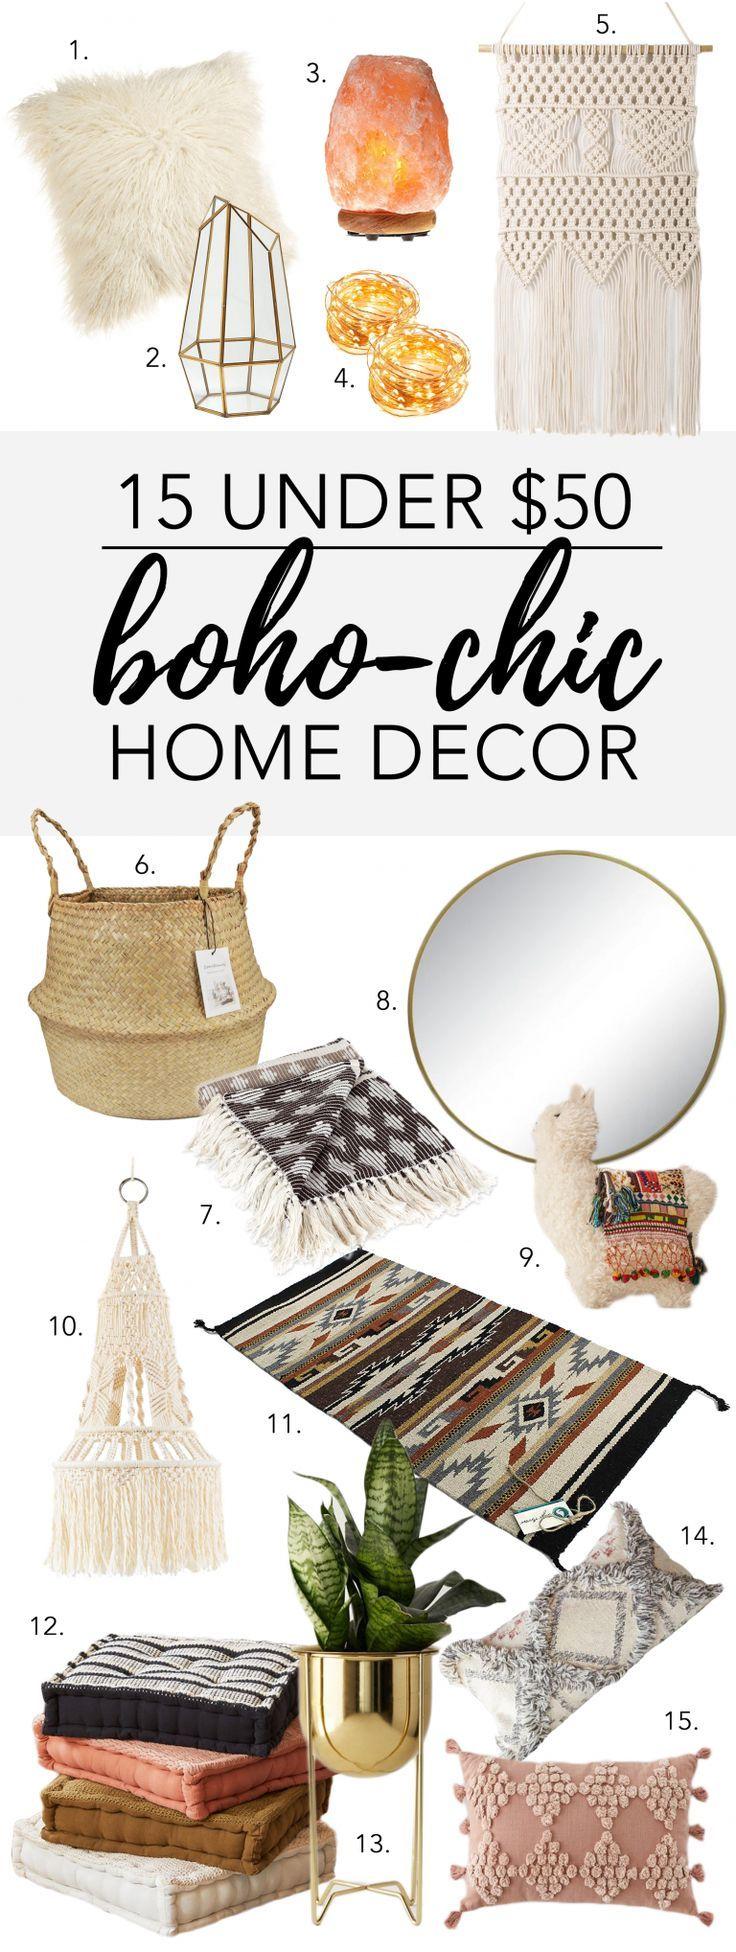 15 UNTER 50 USD: BOHO-CHIC-WOHNDEKOR Boho-Chic-Wohnkultur liegt mit Sicherheit im Trend